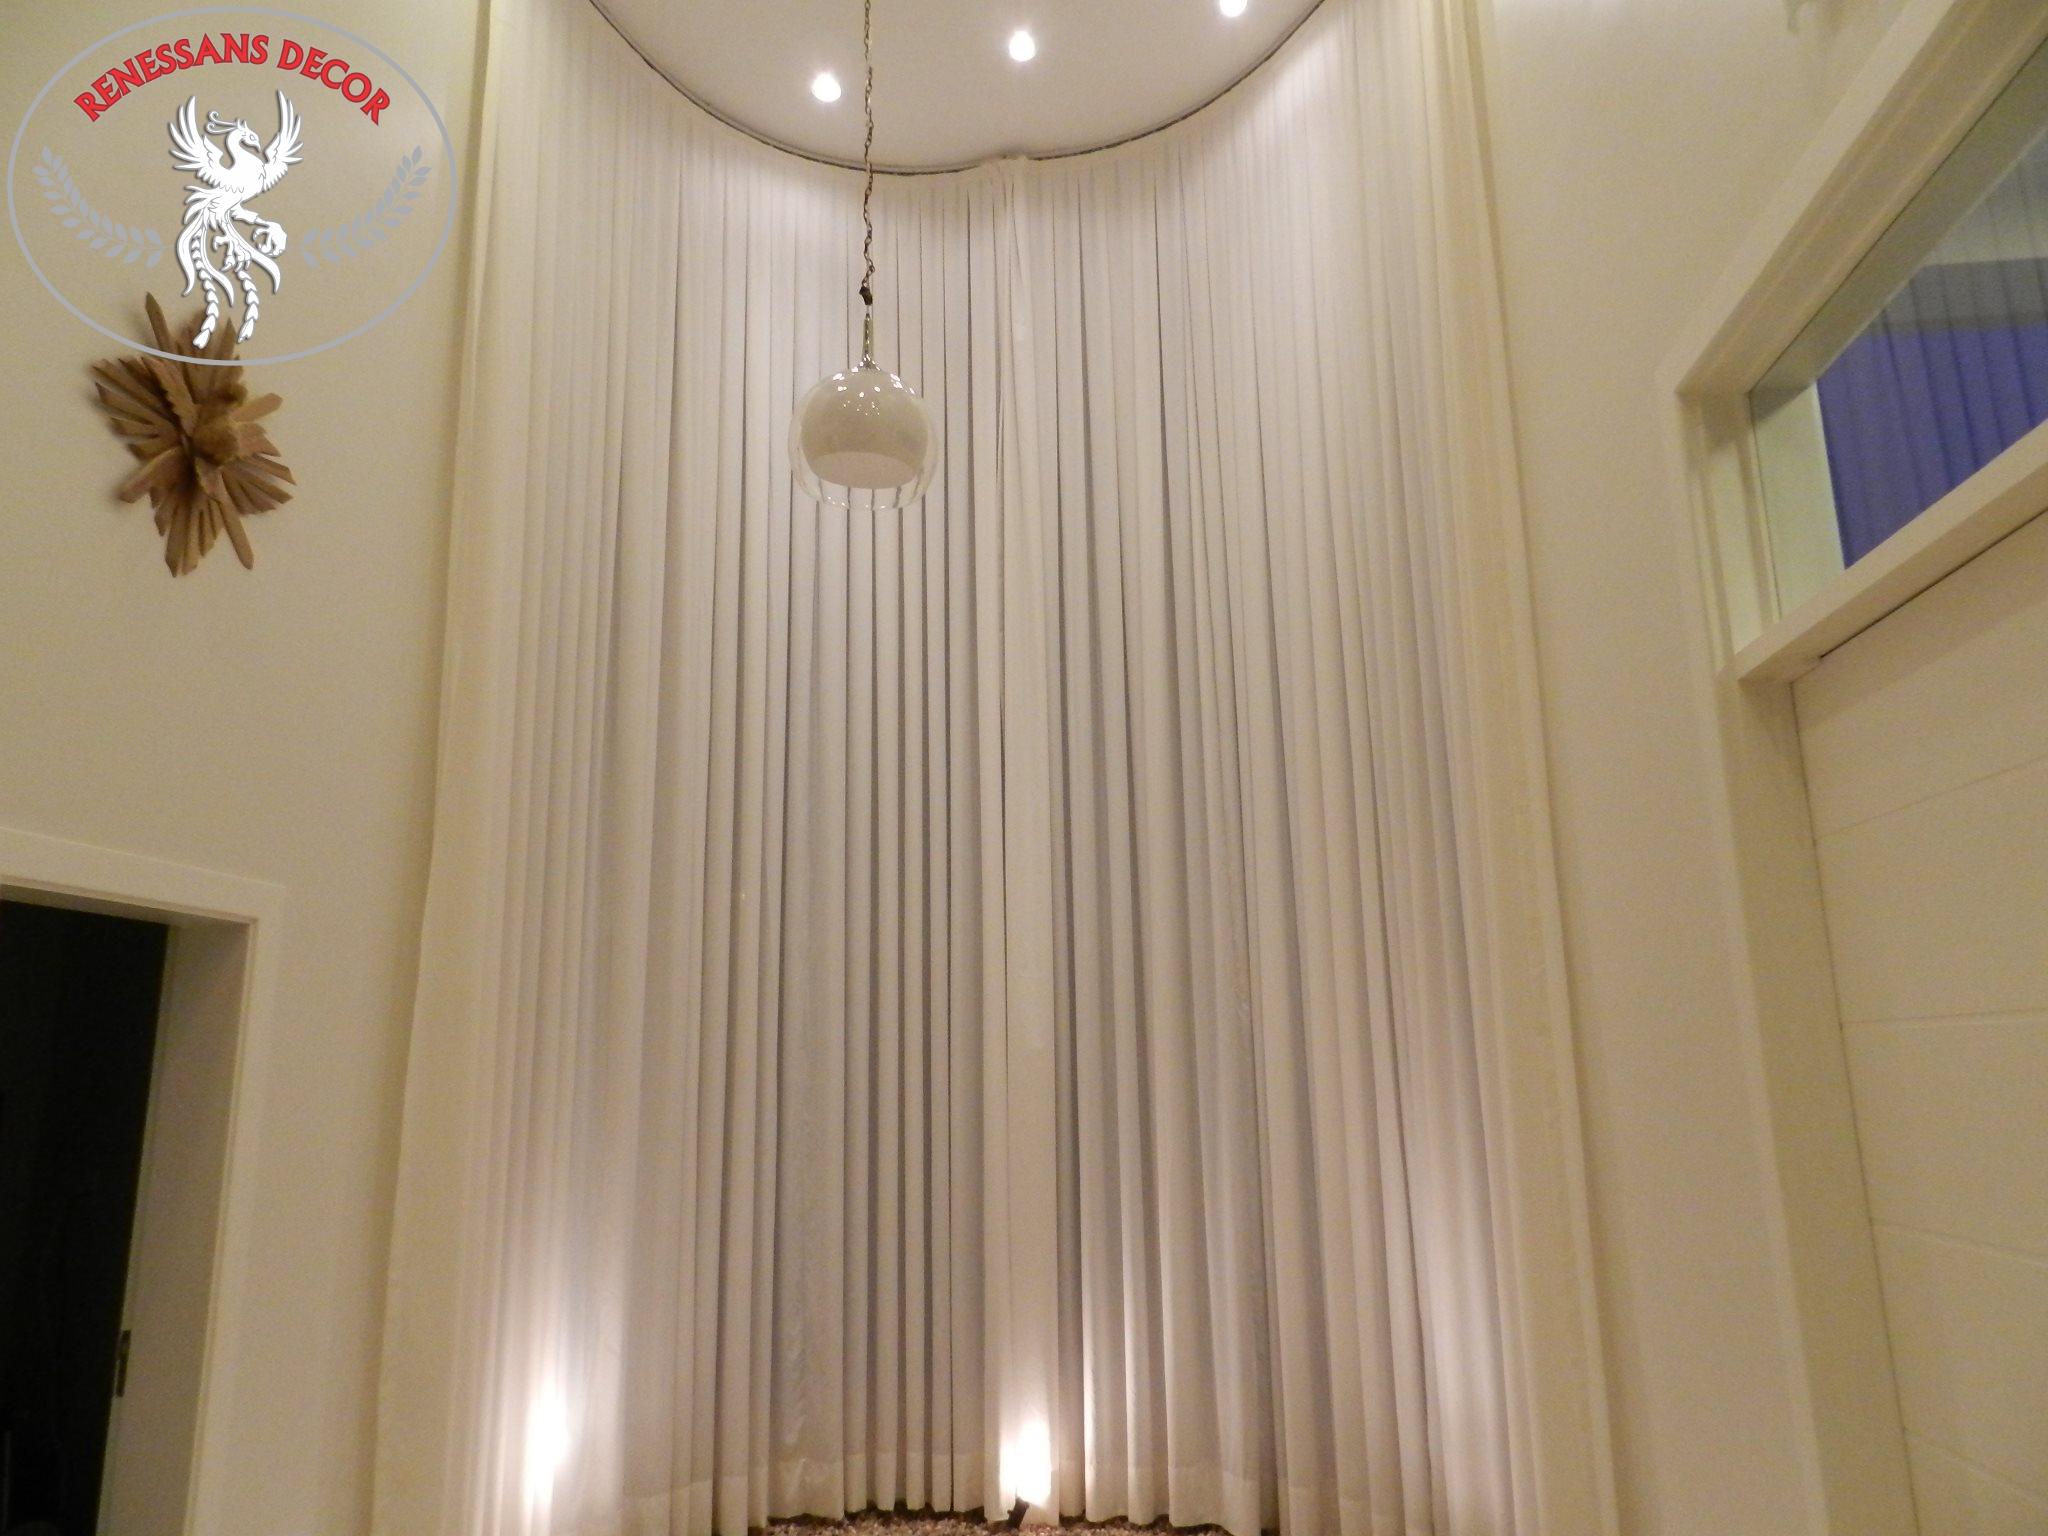 Trilho-Suisso-Curvo-para-cortina-renessans-decor-cortina-alta-pé-direito-duplo-abre-por-cordas